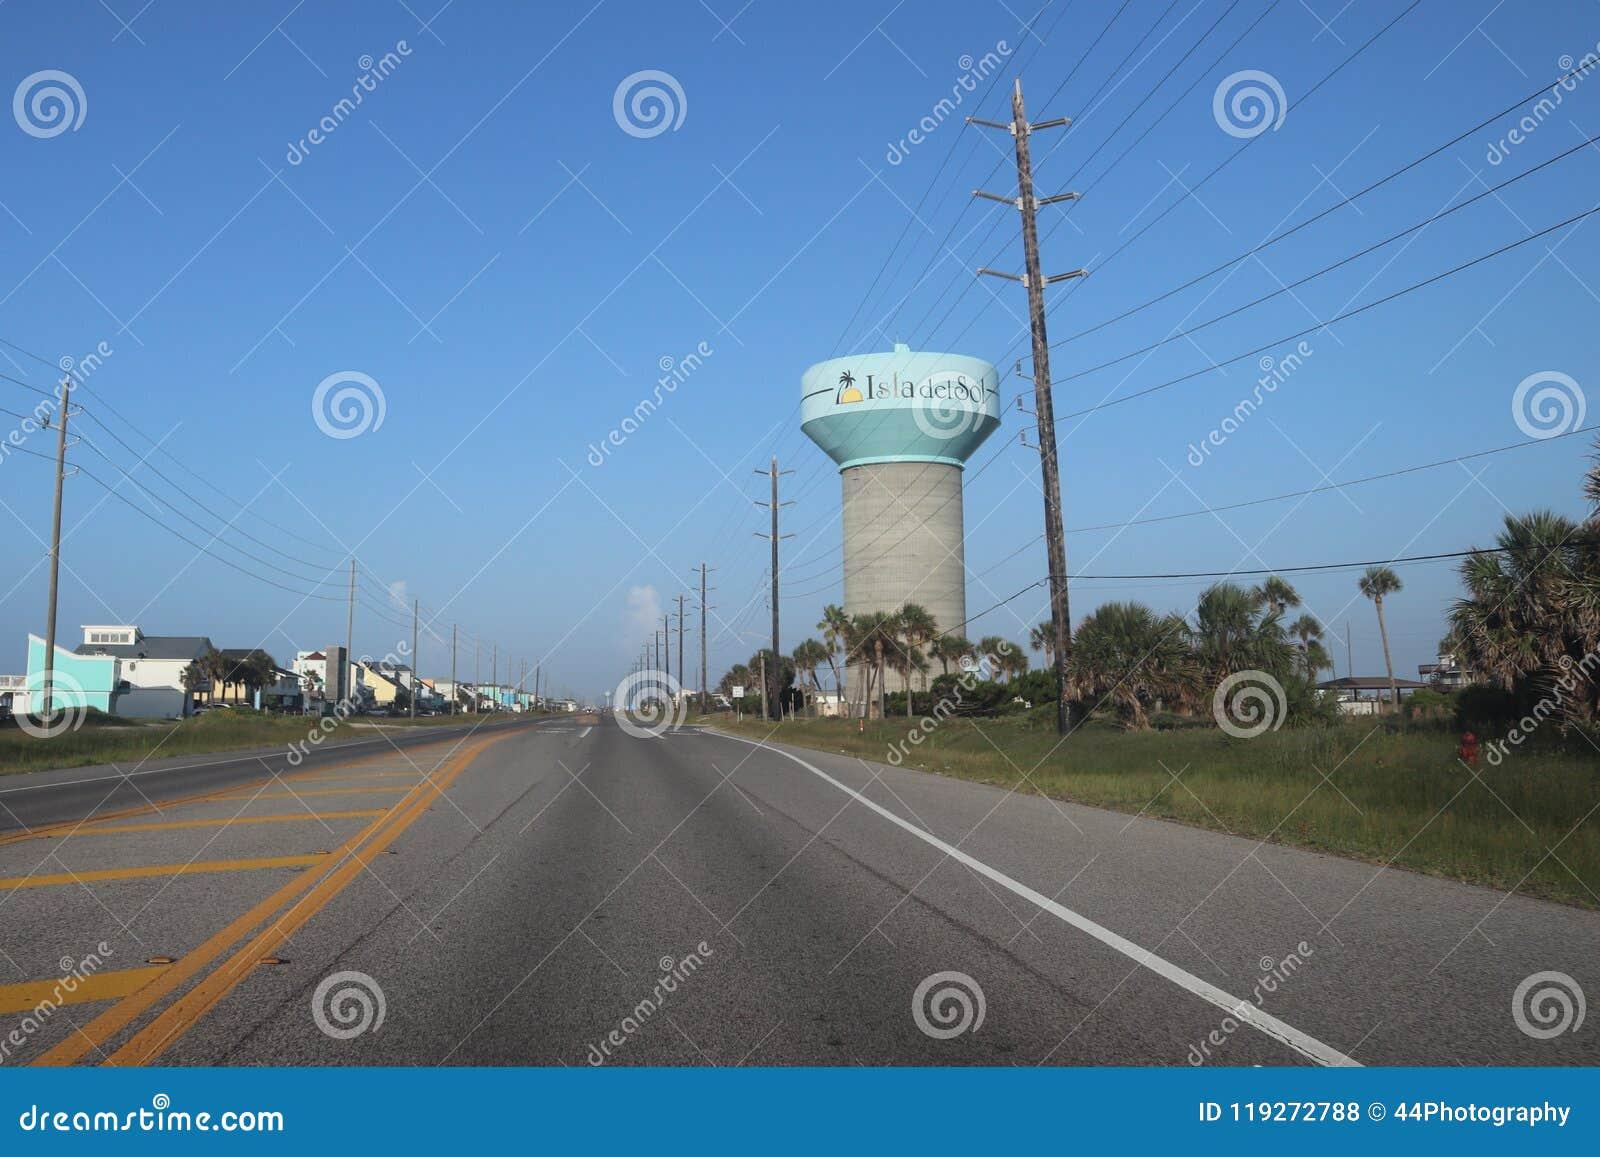 Amerika in de voorsteden, Texas, Verenigde Staten De mening van het perspectieflandschap van een weg, weg met watertoren en macht